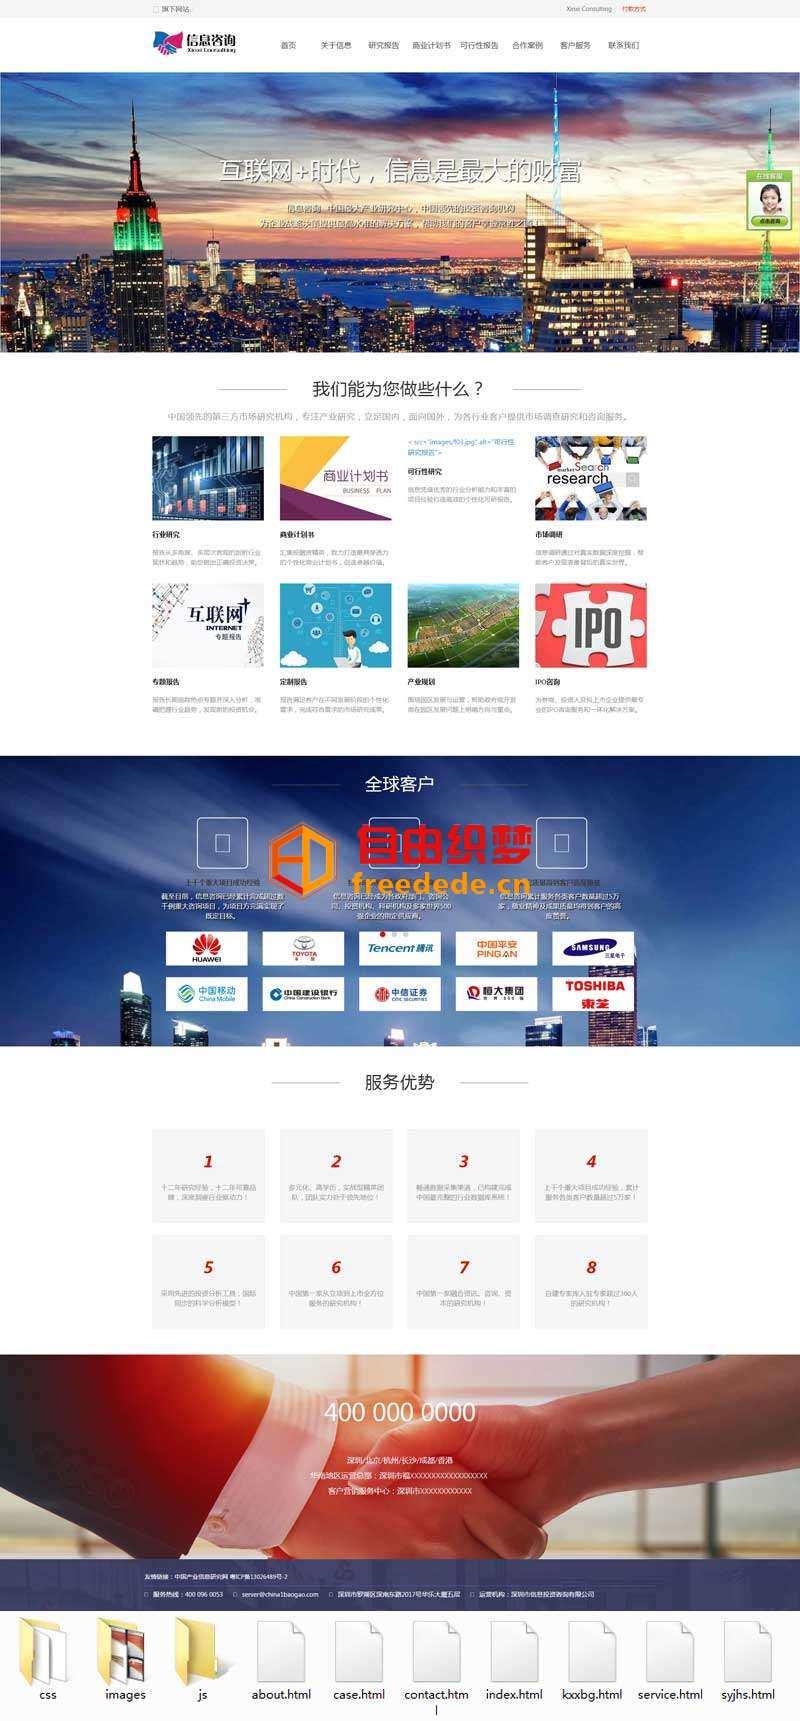 爱上源码网文章红色大气的信息咨询行业网站模板html源码的内容插图